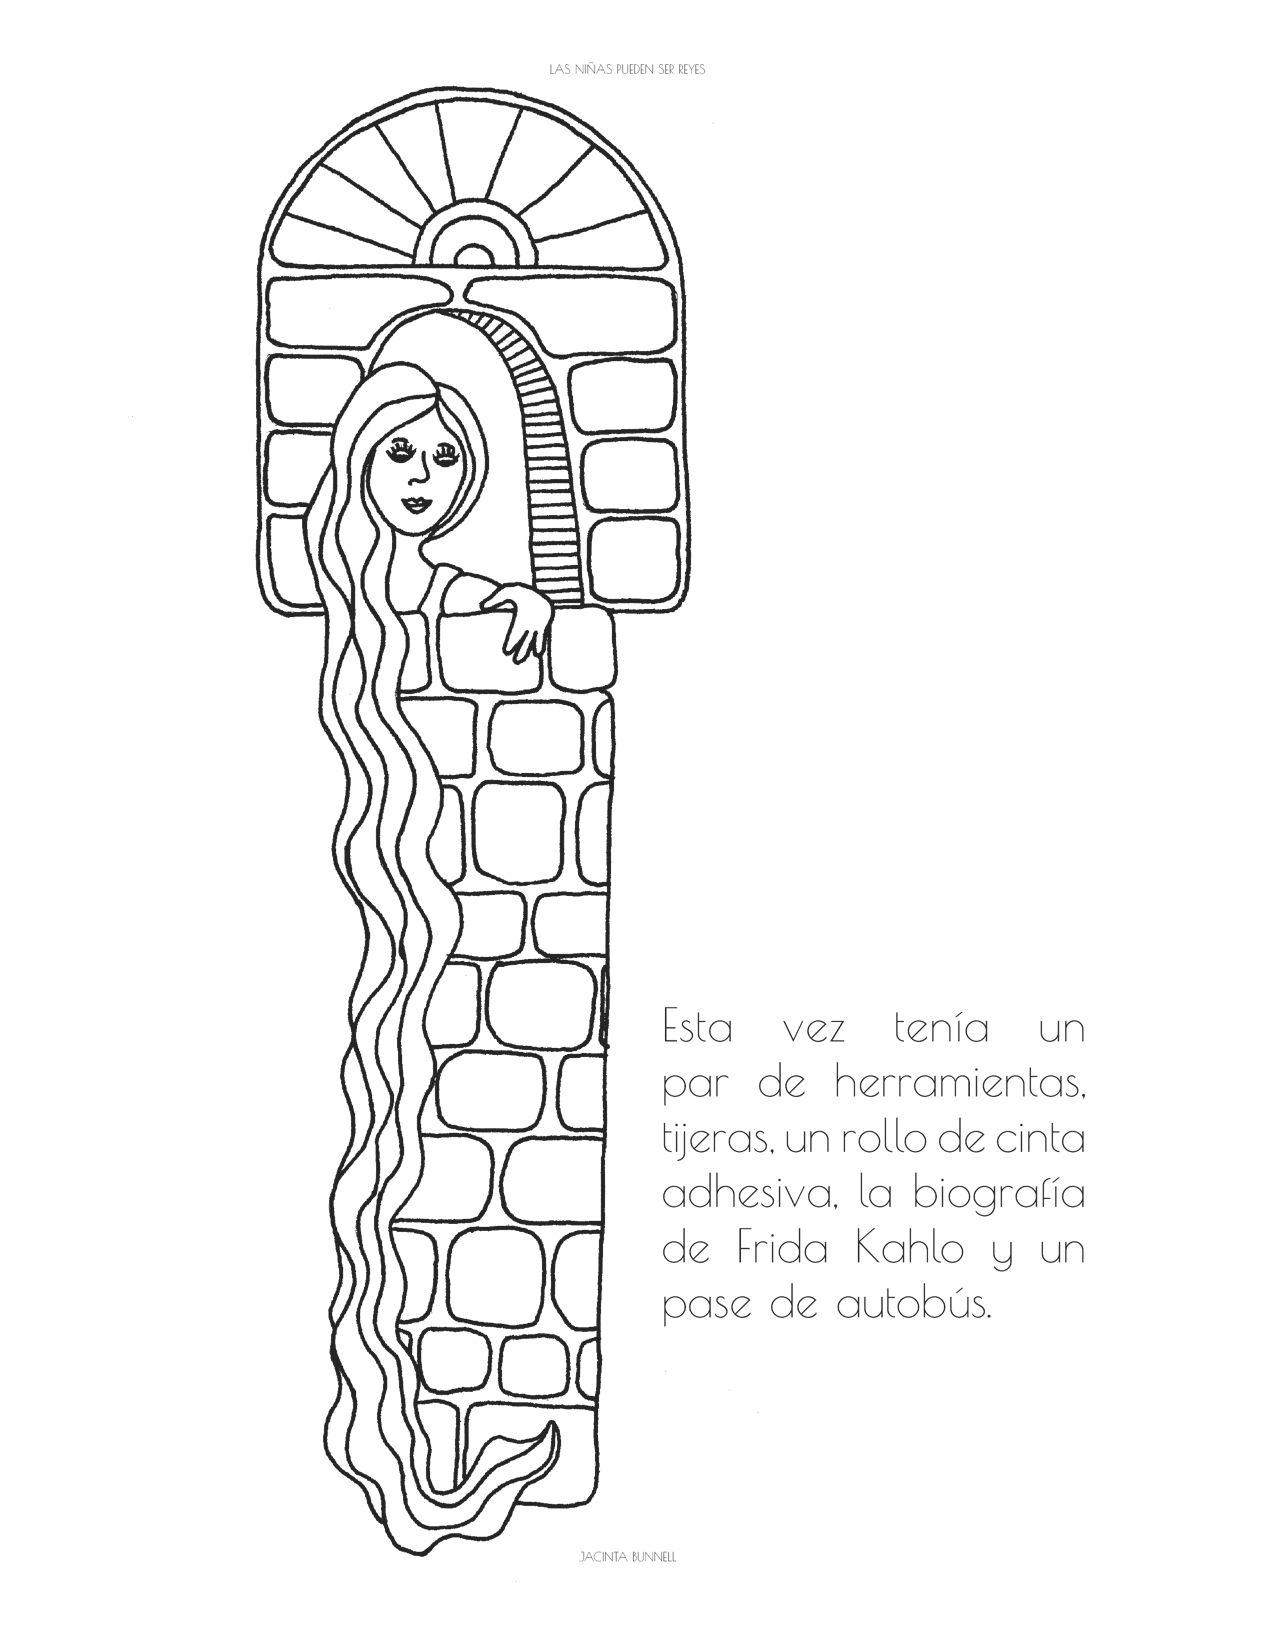 Las Ninas Pueden Ser Reyes Libro Para Colorear Coloring Book Queerbook Committee Coloring Books Book Girl Line Drawing